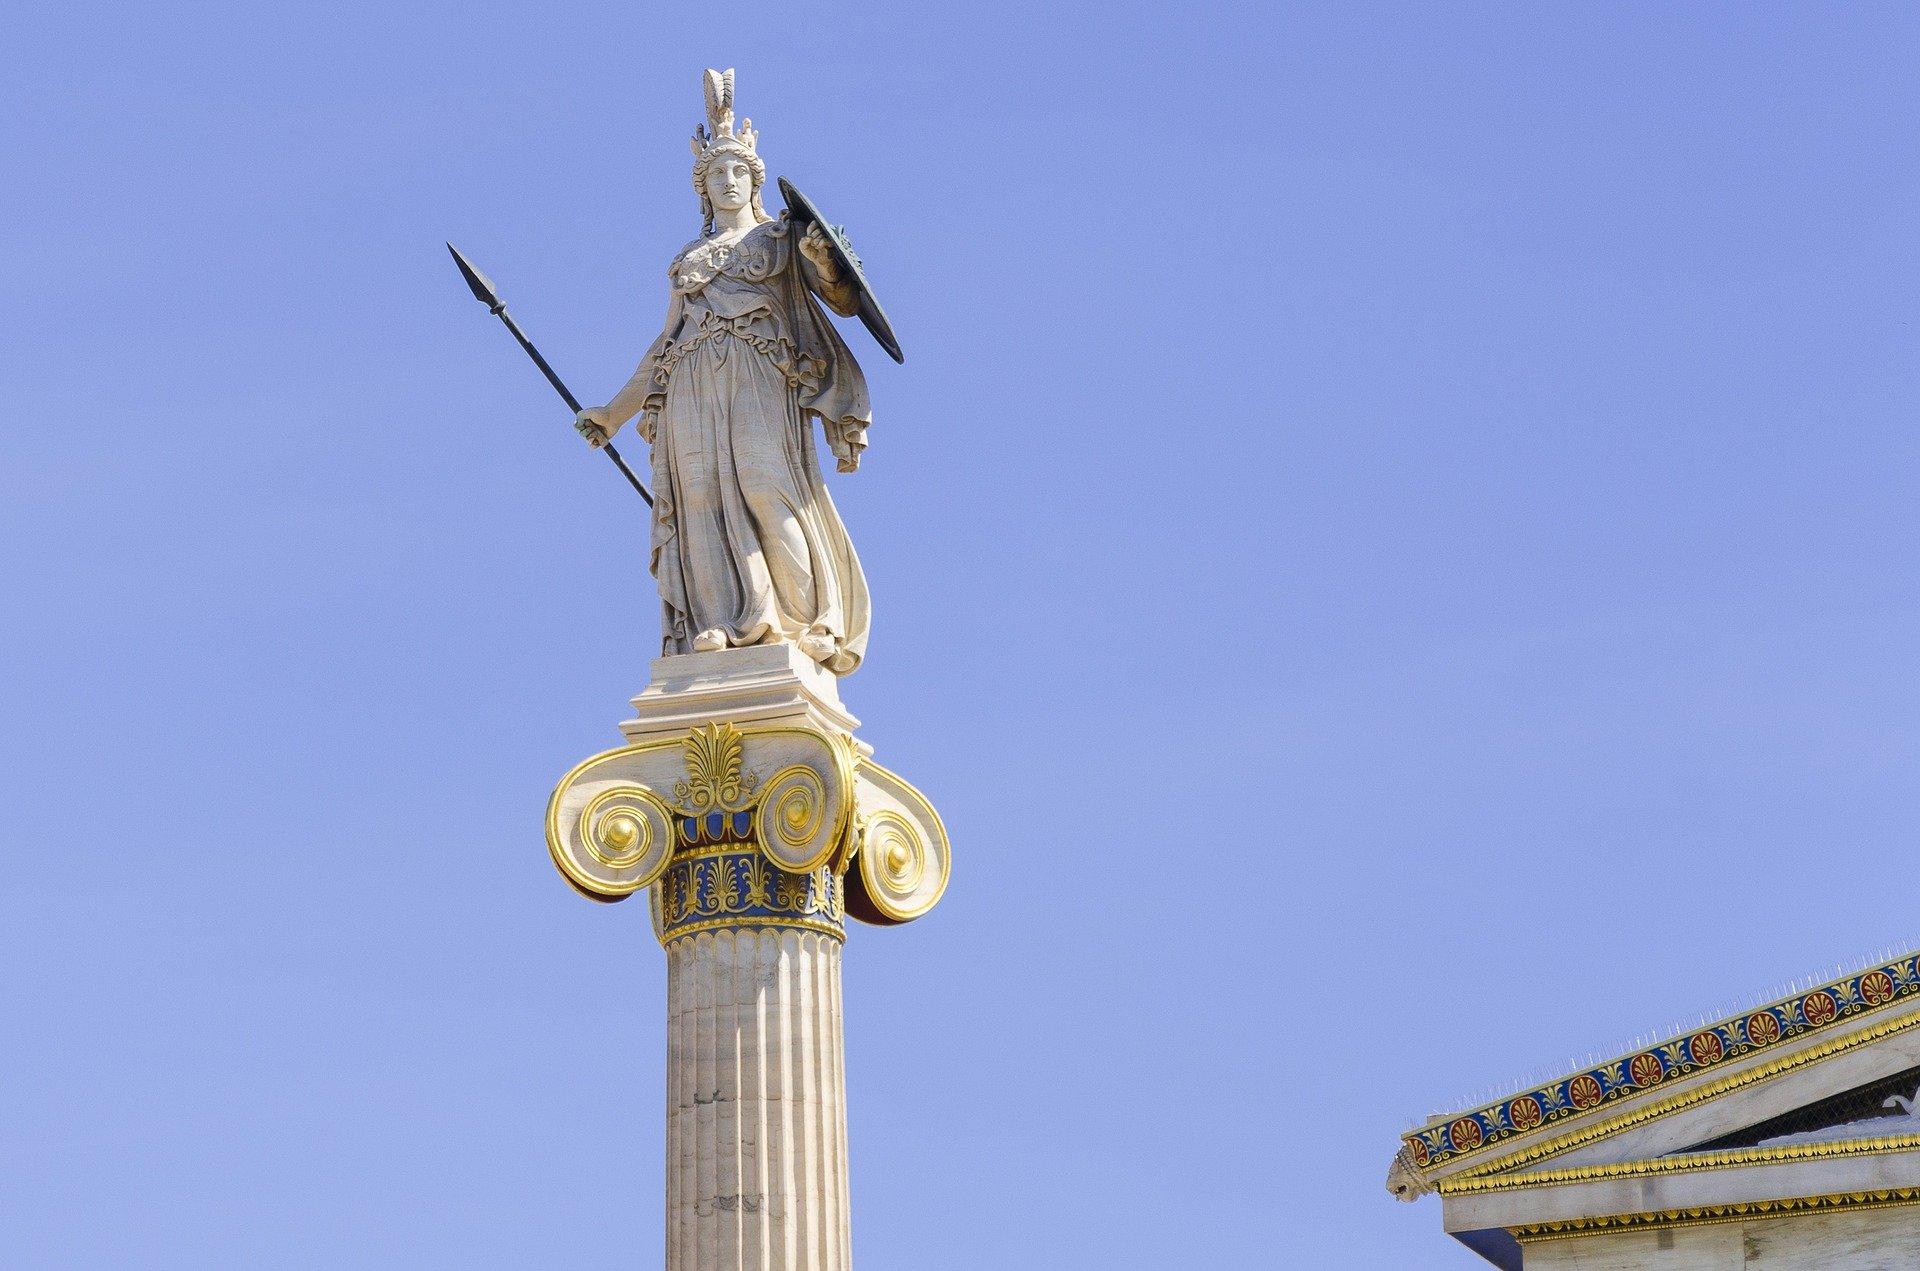 Отдых в Греции 2018: Цены на туры и место для отдыха